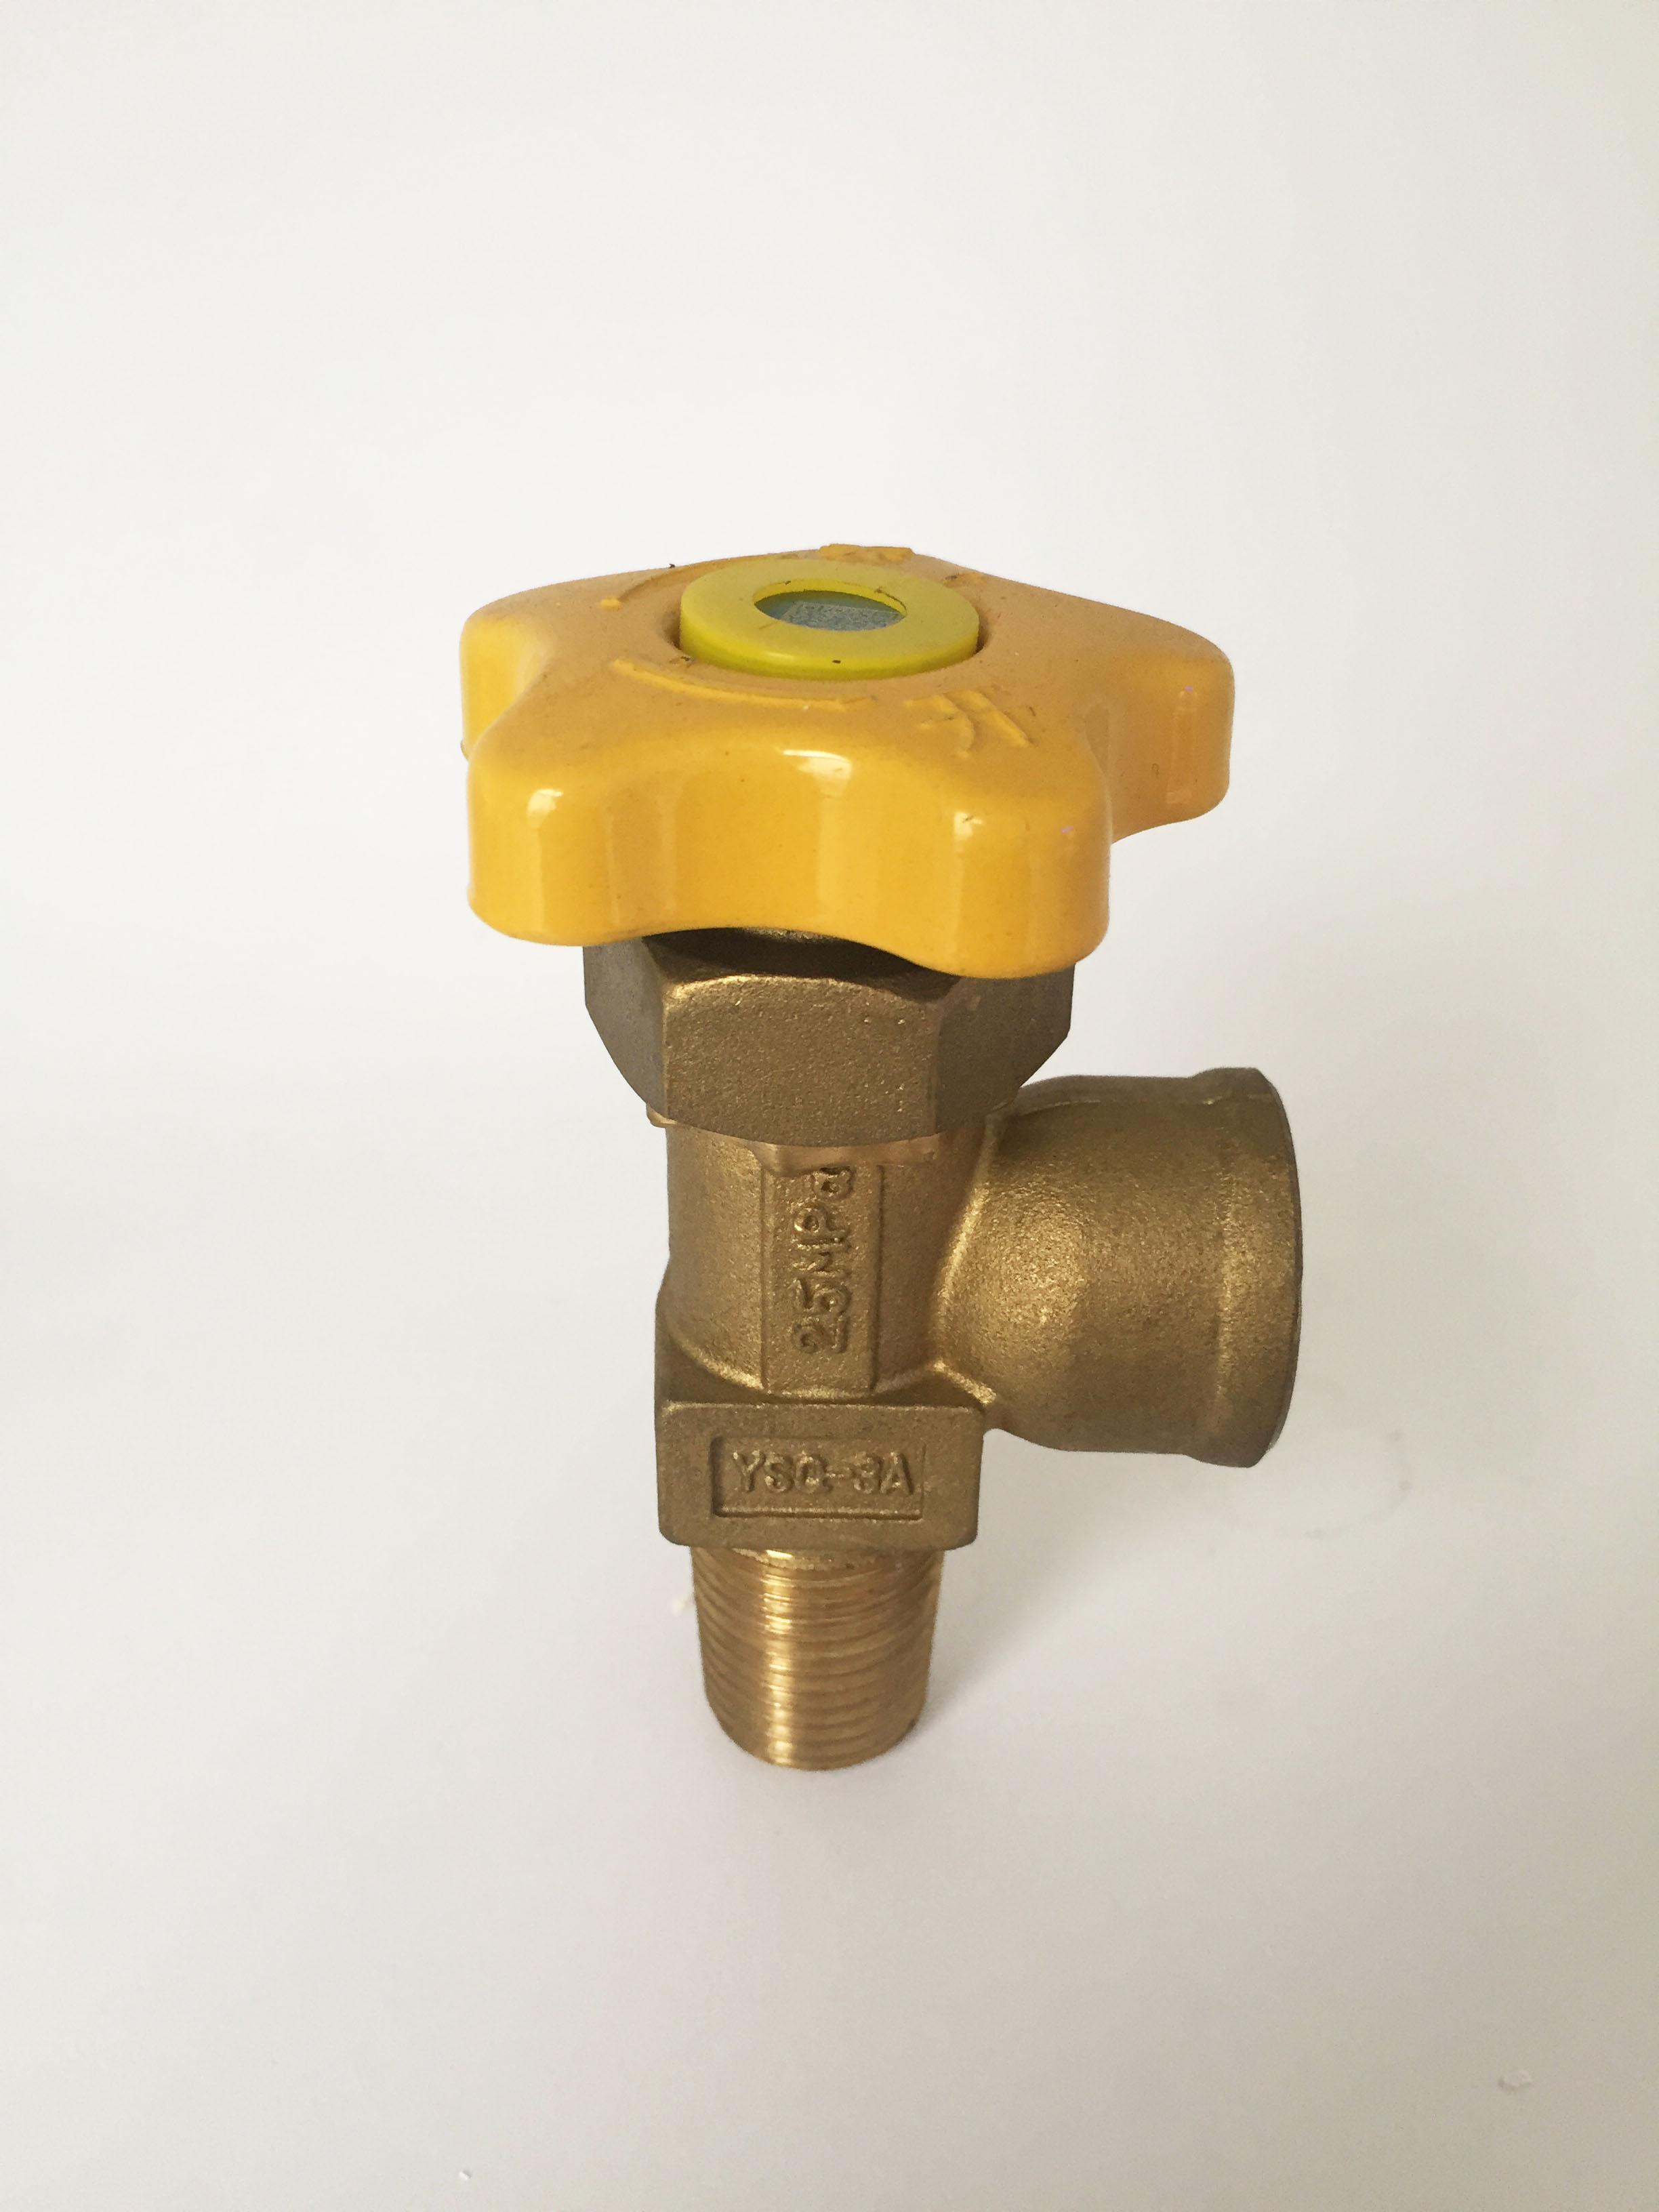 液化气石油瓶阀YSQ-3A